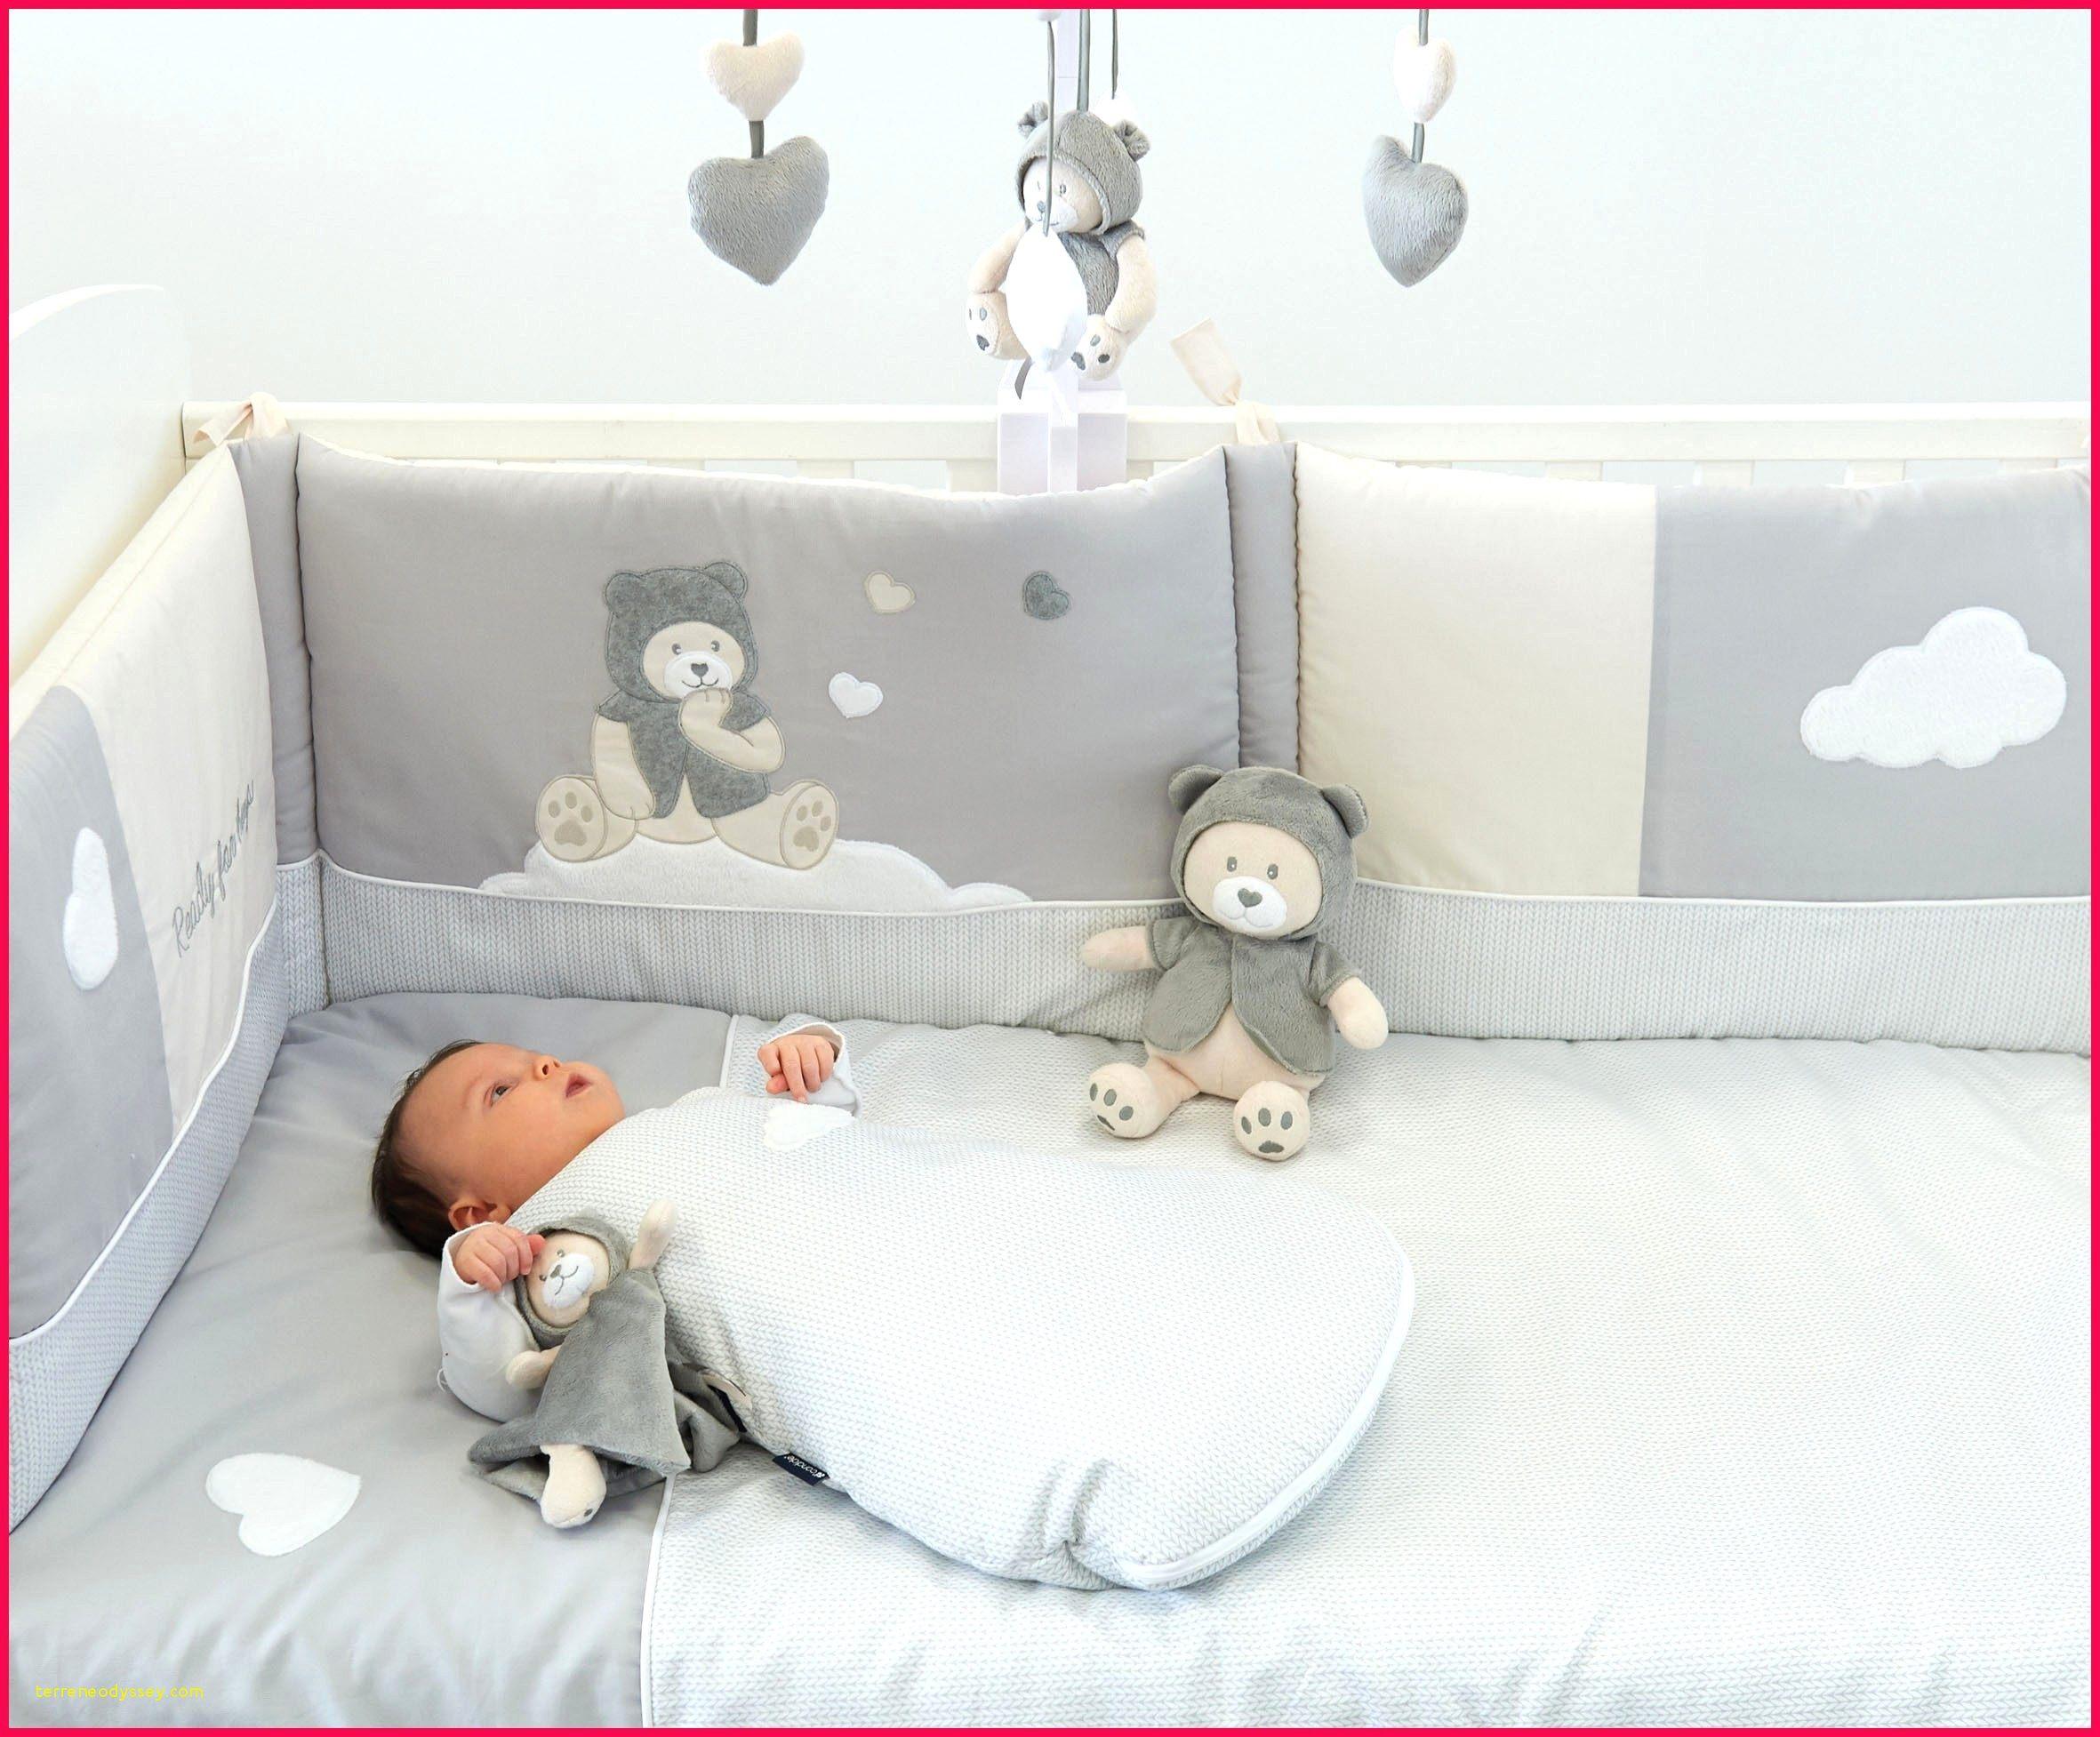 Lit Mezzanine Pour Enfant Charmant Résultat Supérieur Lit Pour Enfant Incroyable Lit Pour Bebe Charmant